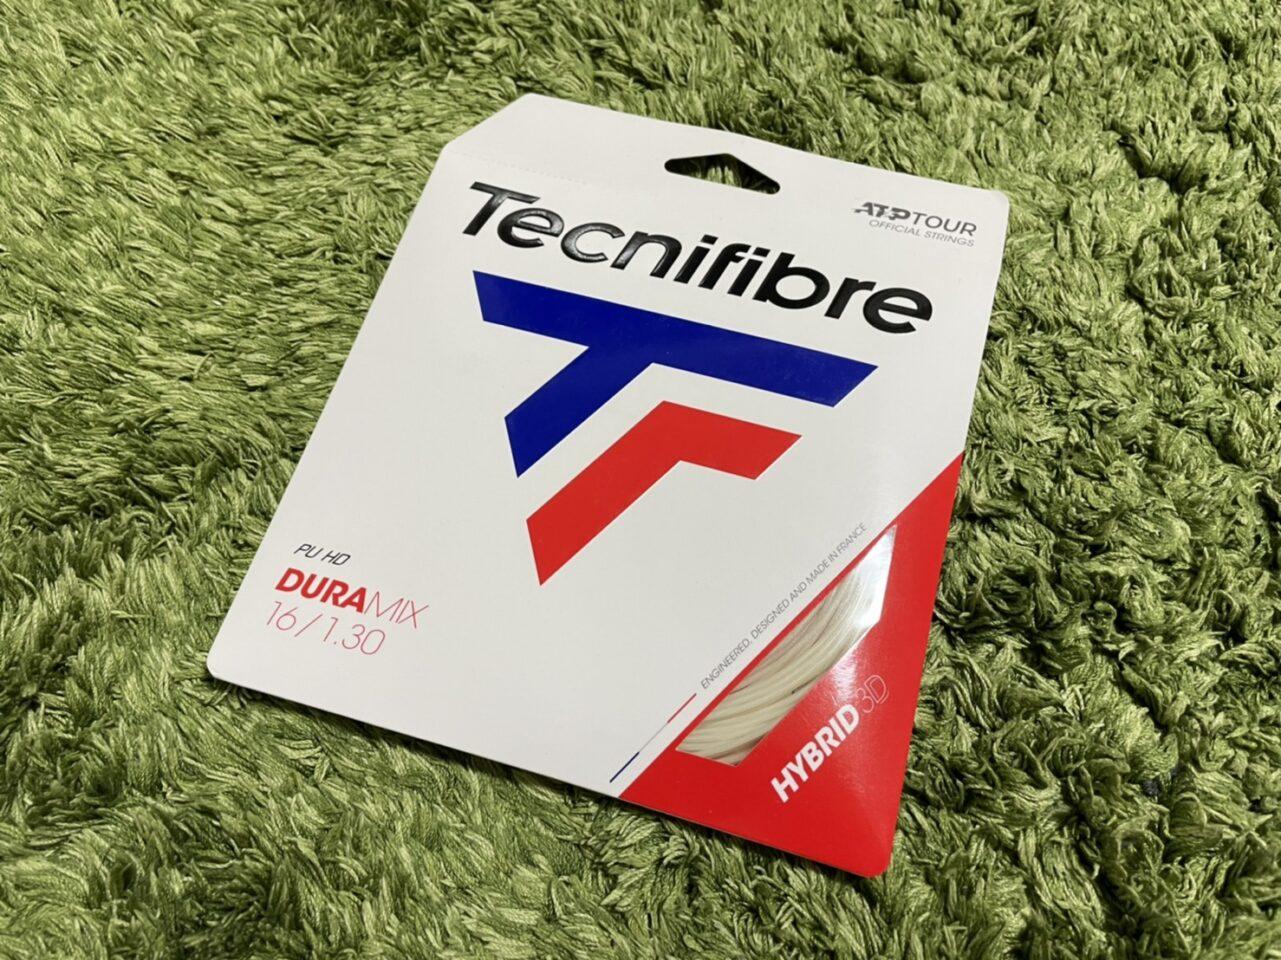 【Tecnifibre】デュラミックス|インプレ・レビュー